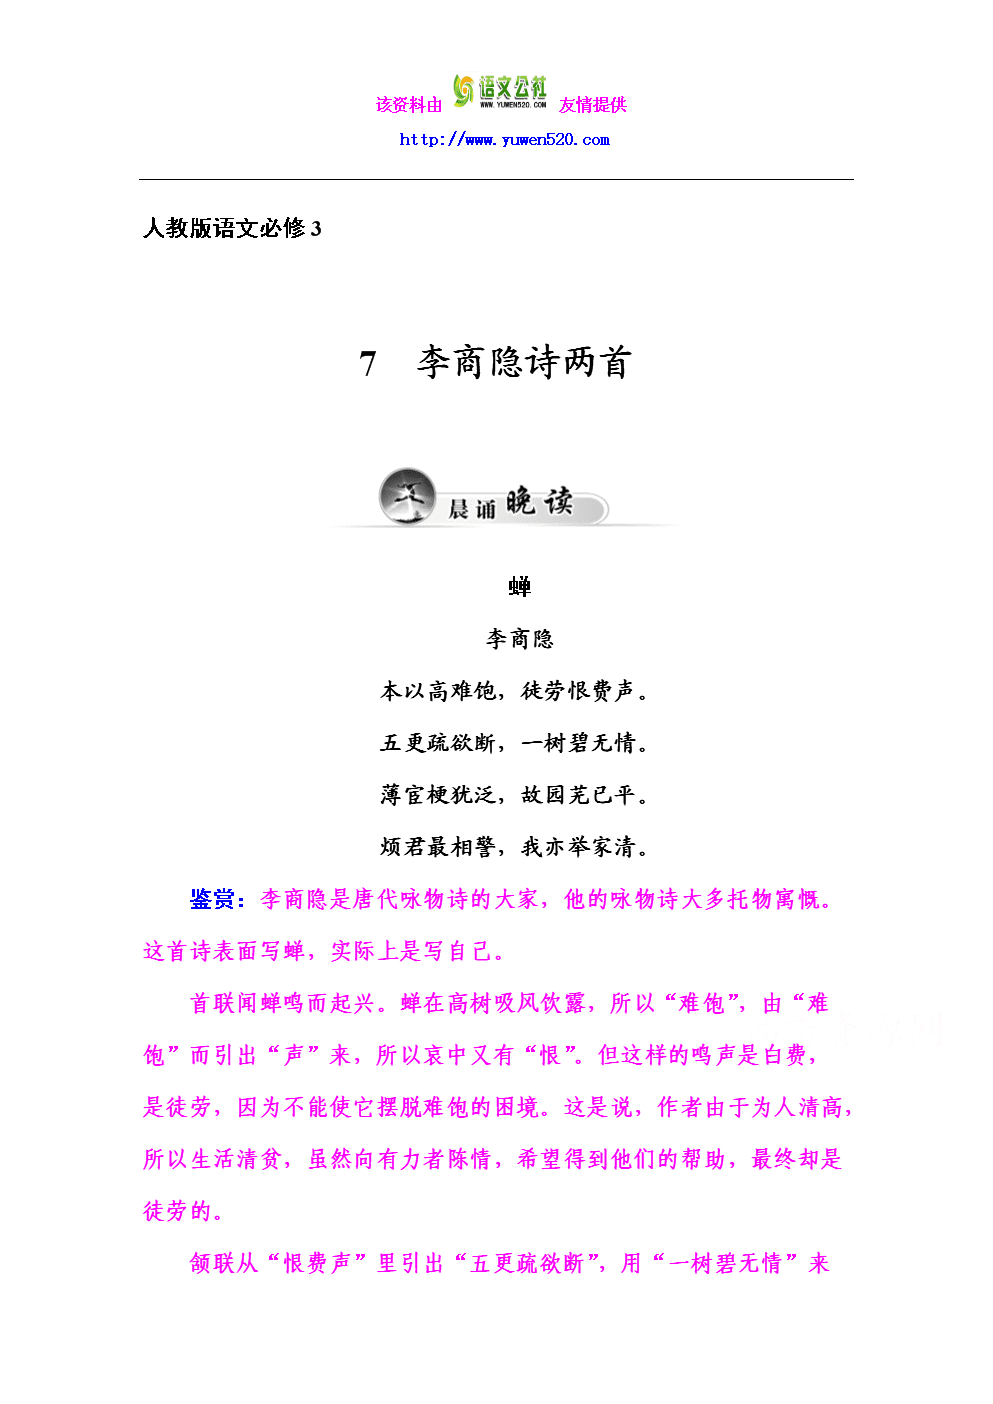 人教版语文必修三:第7课《李商隐诗两首》同步练习(含答案).doc